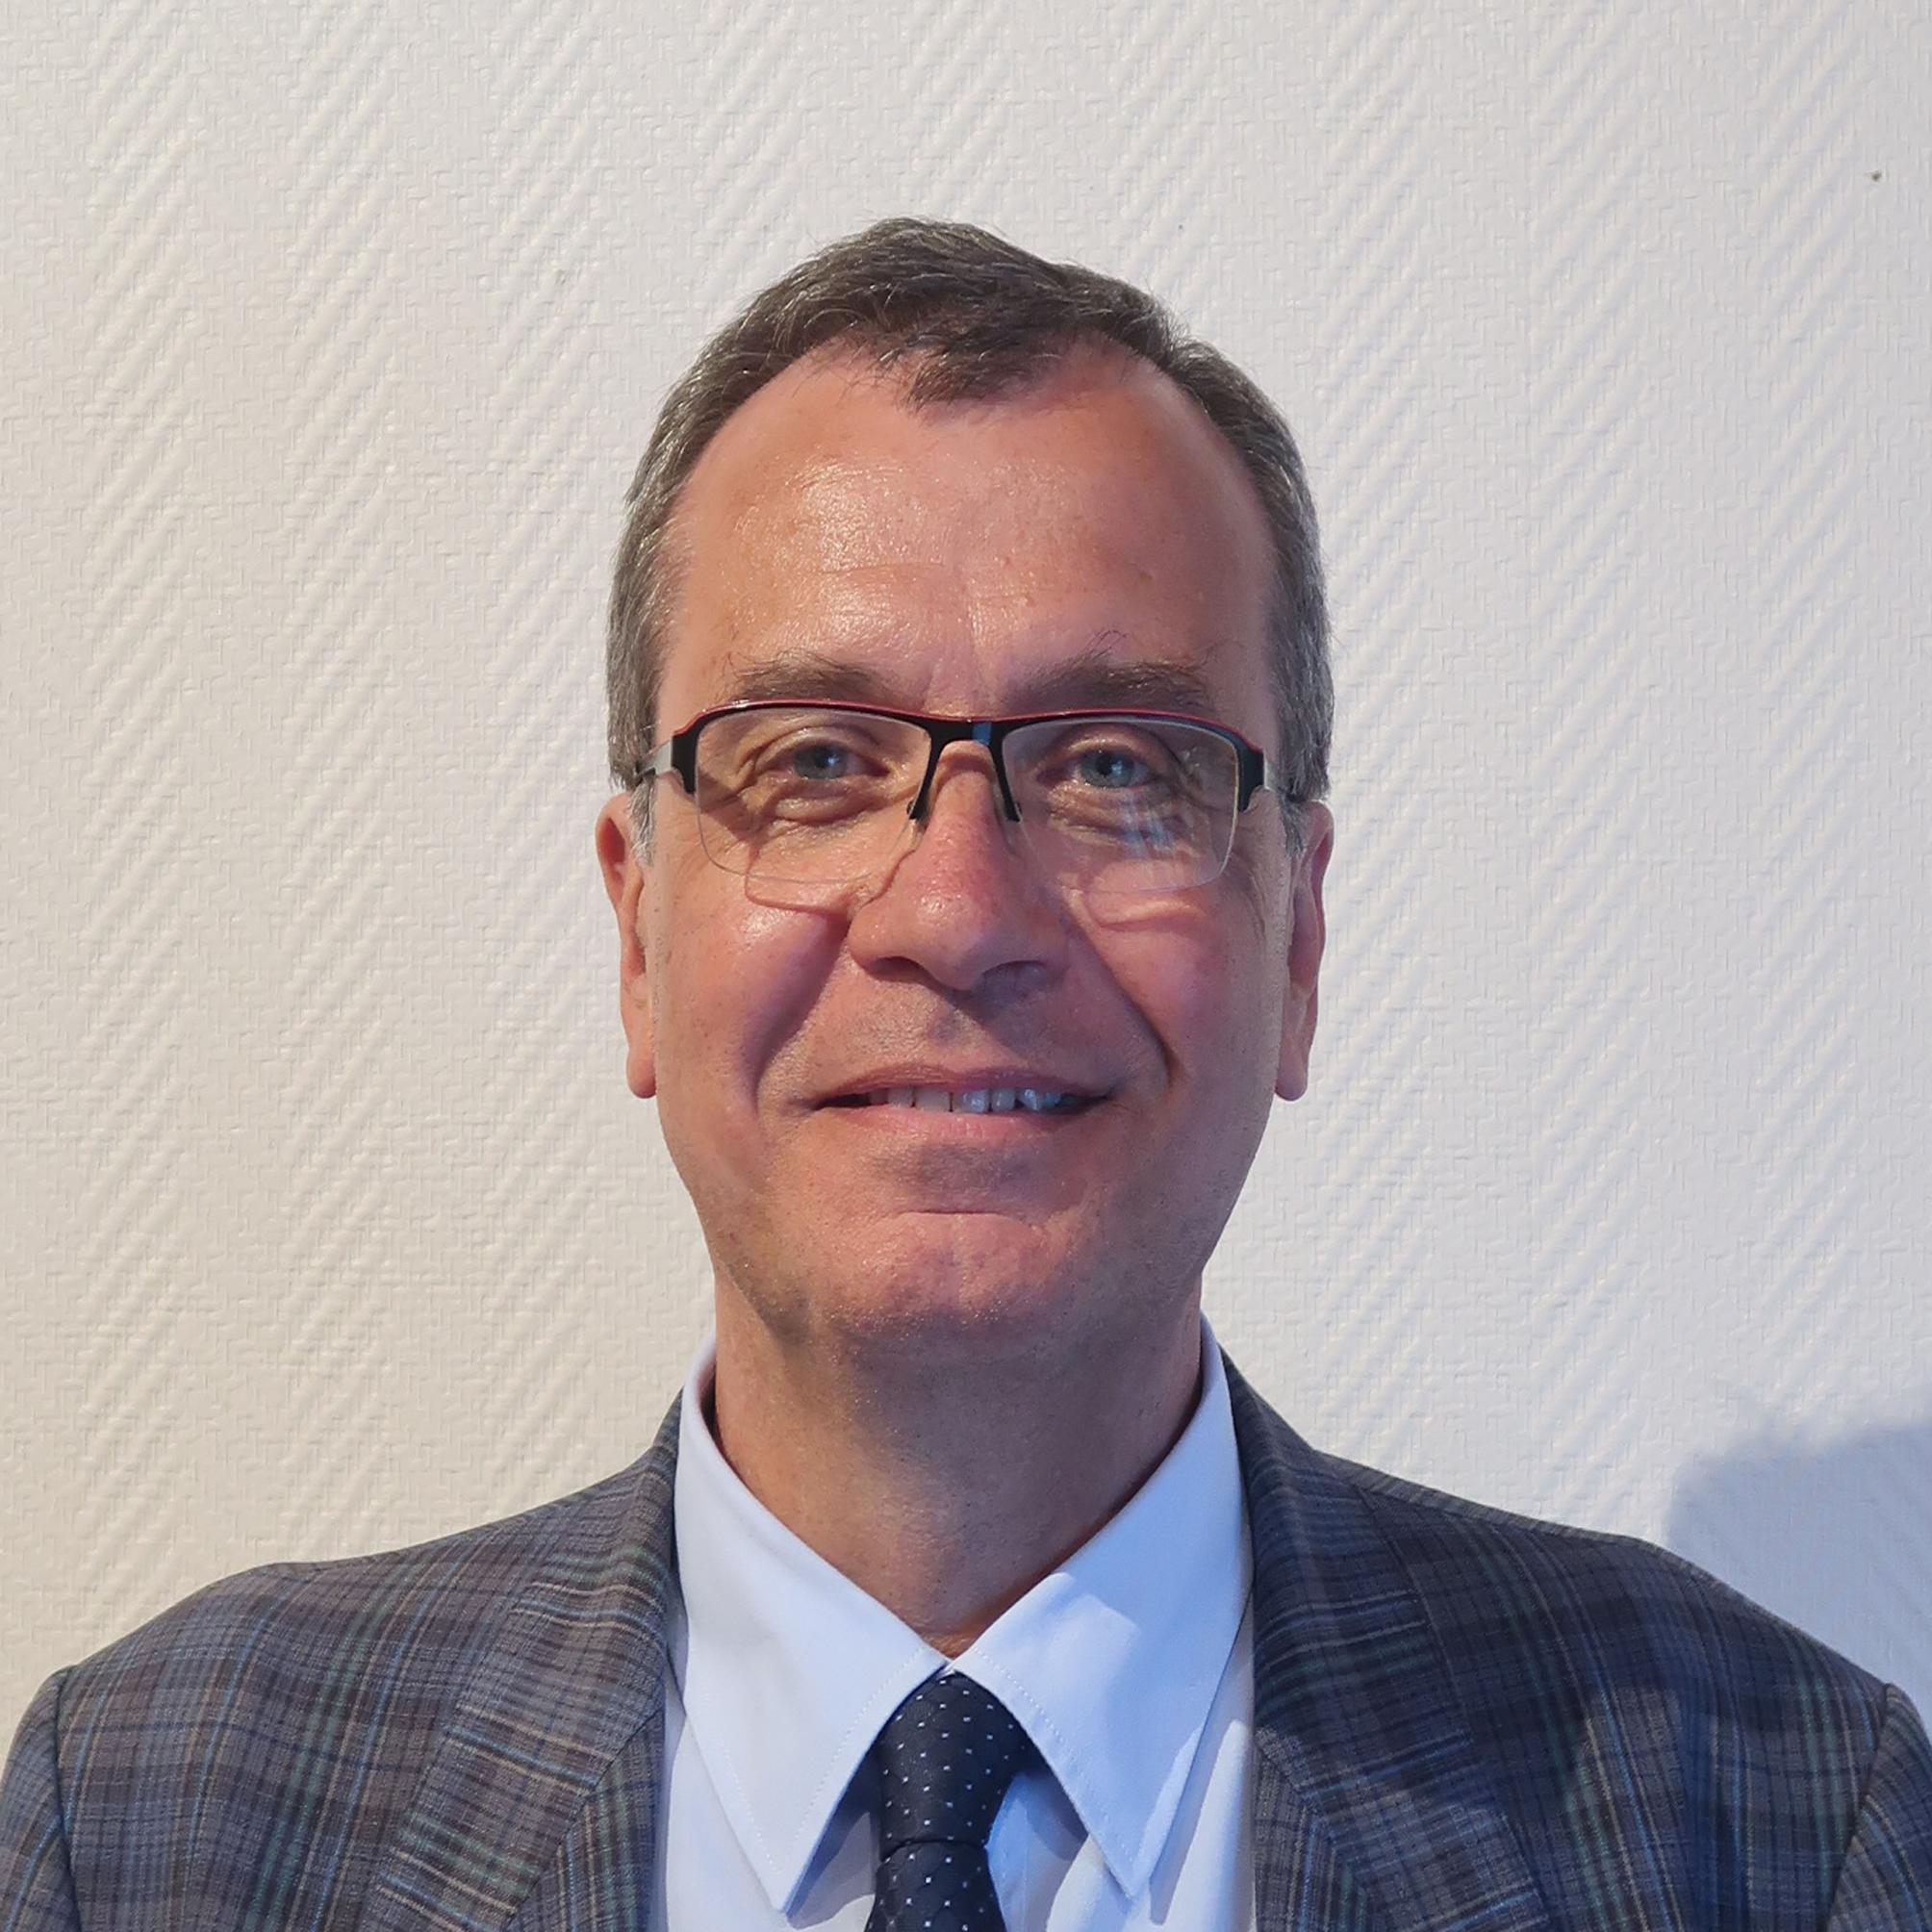 Hugues Borne